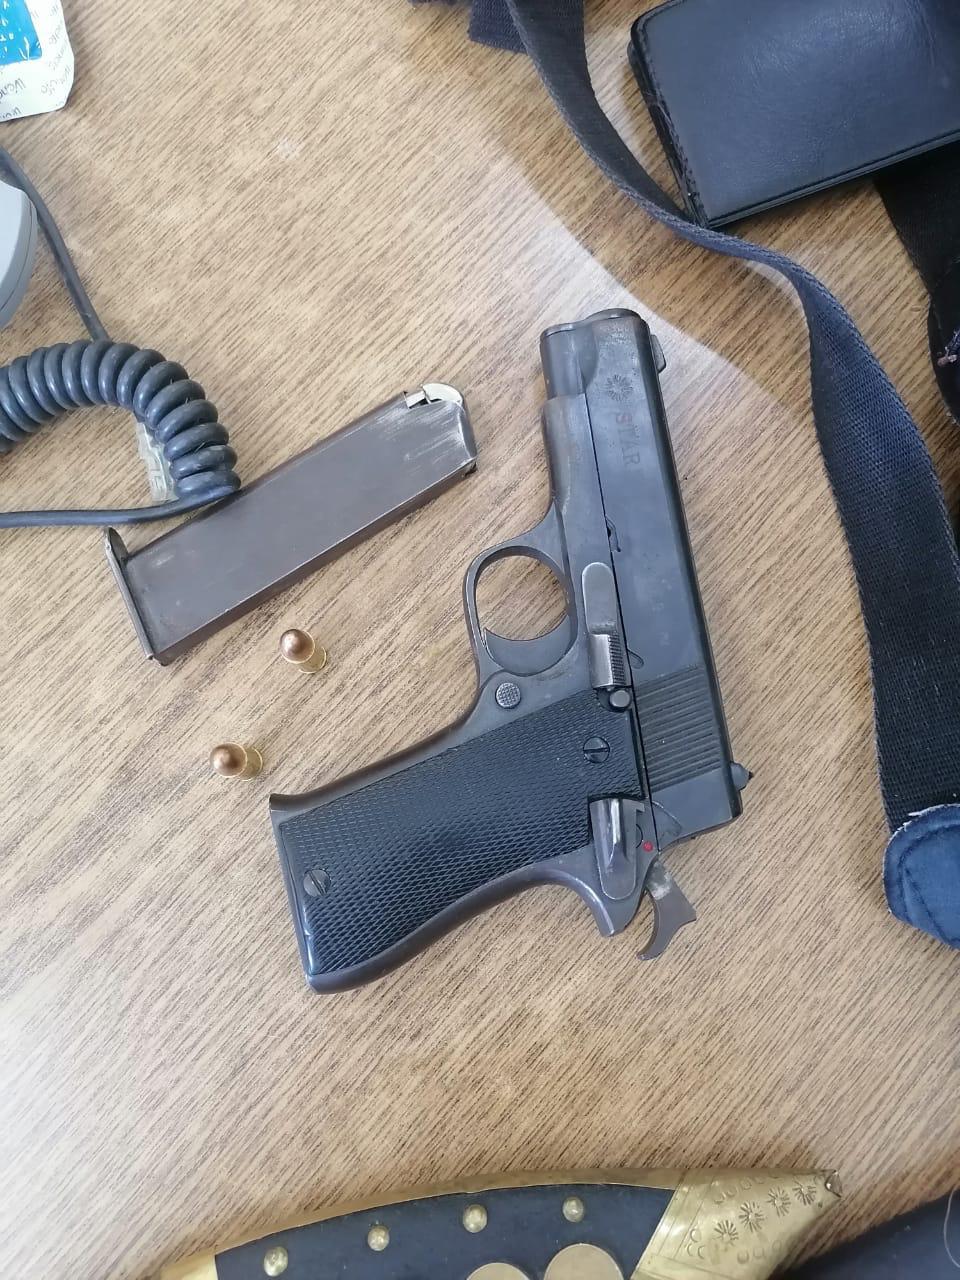 ضبط مطلوب بحوزته مواد مخدرة وسلاح ناري ومركبة مسروقة في احدى مناطق البادية الشمالية